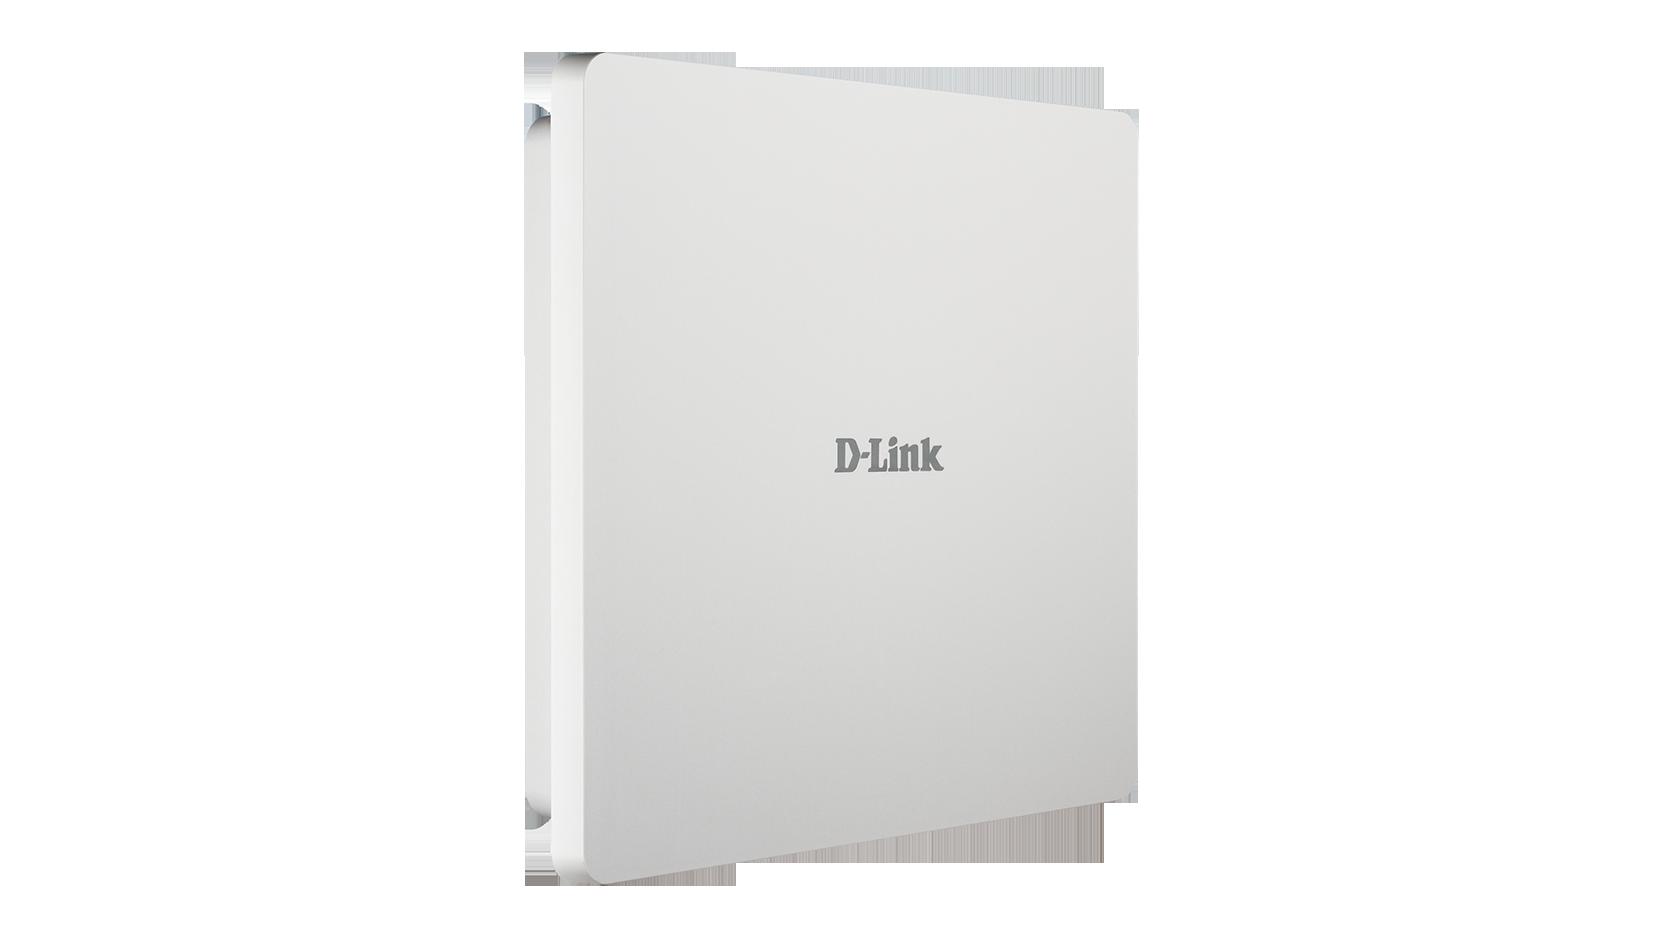 D-Link DAP-3666 Wireless AC1200 Wave2 Dual Band Outdoor PoE Access Point - DAP-3666